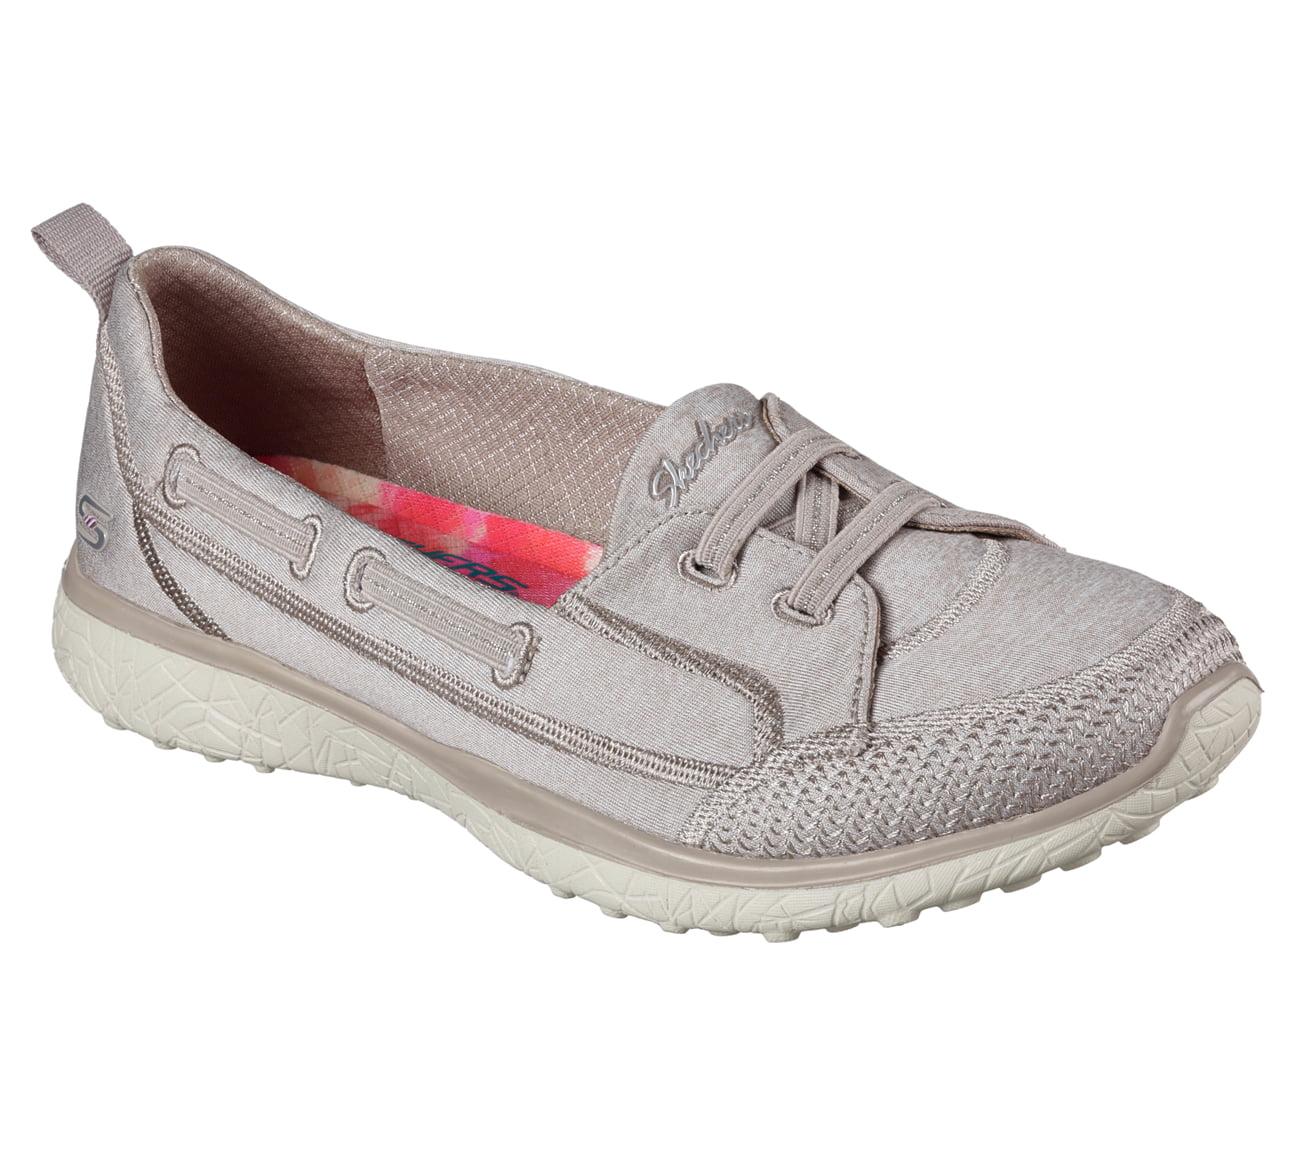 Skechers 23317TPE Women's MICROBURST - TOPNOTCH Walking Shoes